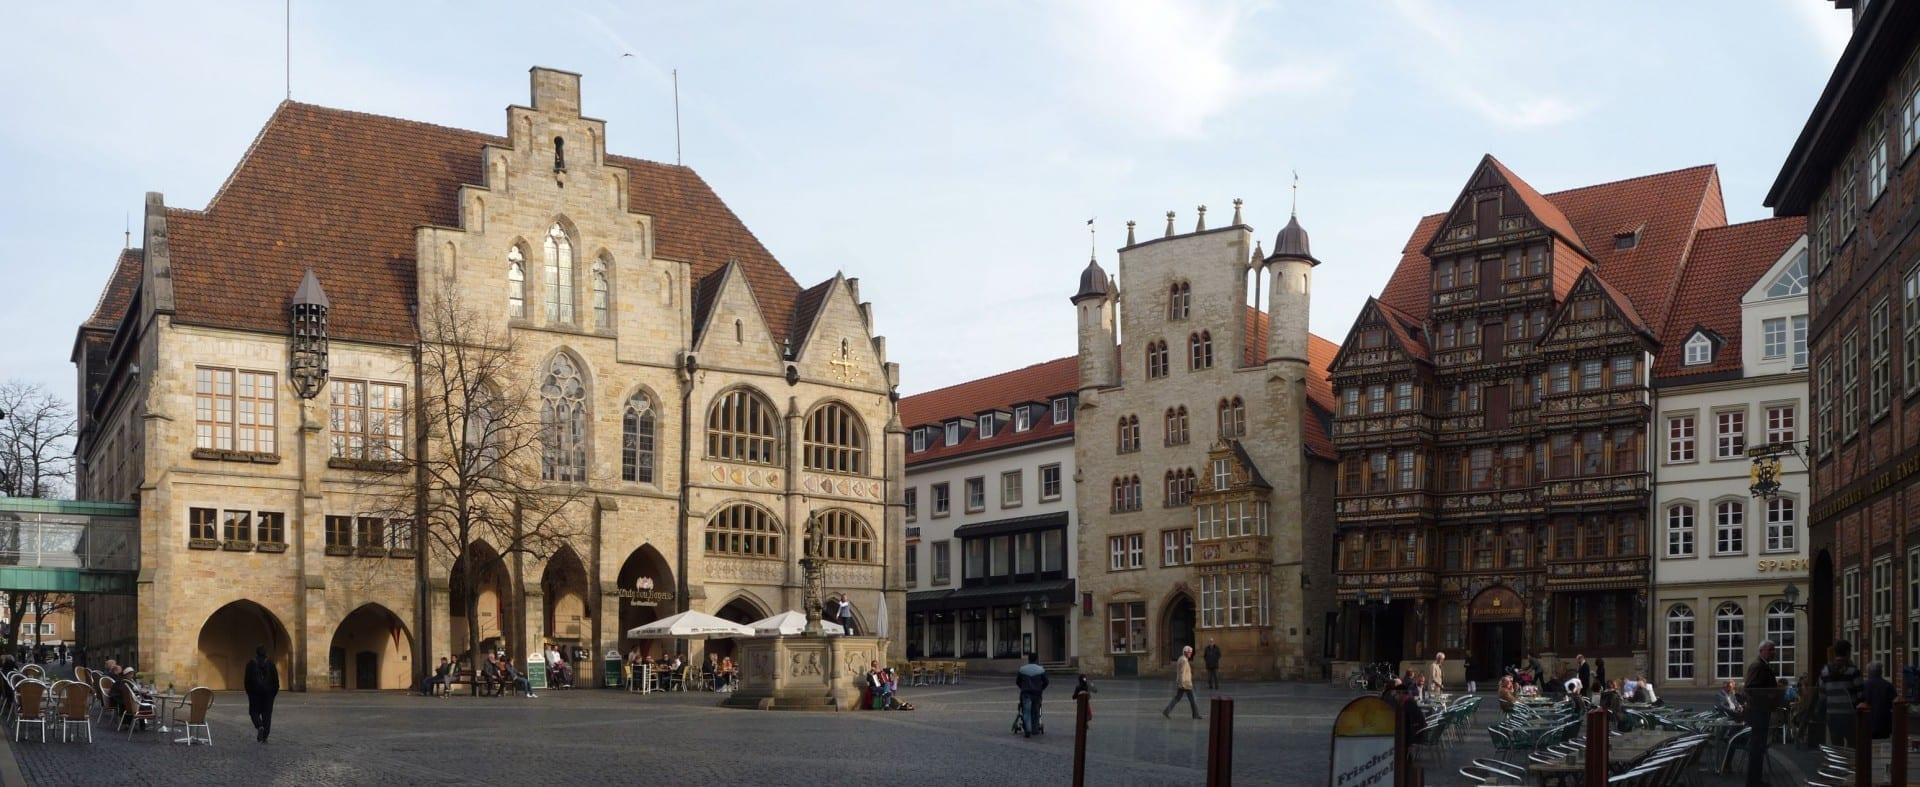 Plaza del mercado con el Ayuntamiento, Tempelhaus (Información turística), Wedekindhaus, Lüntzelhaus, el Gremio de Panaderos y la Fuente de Roland (fuente). Hildesheim Alemania